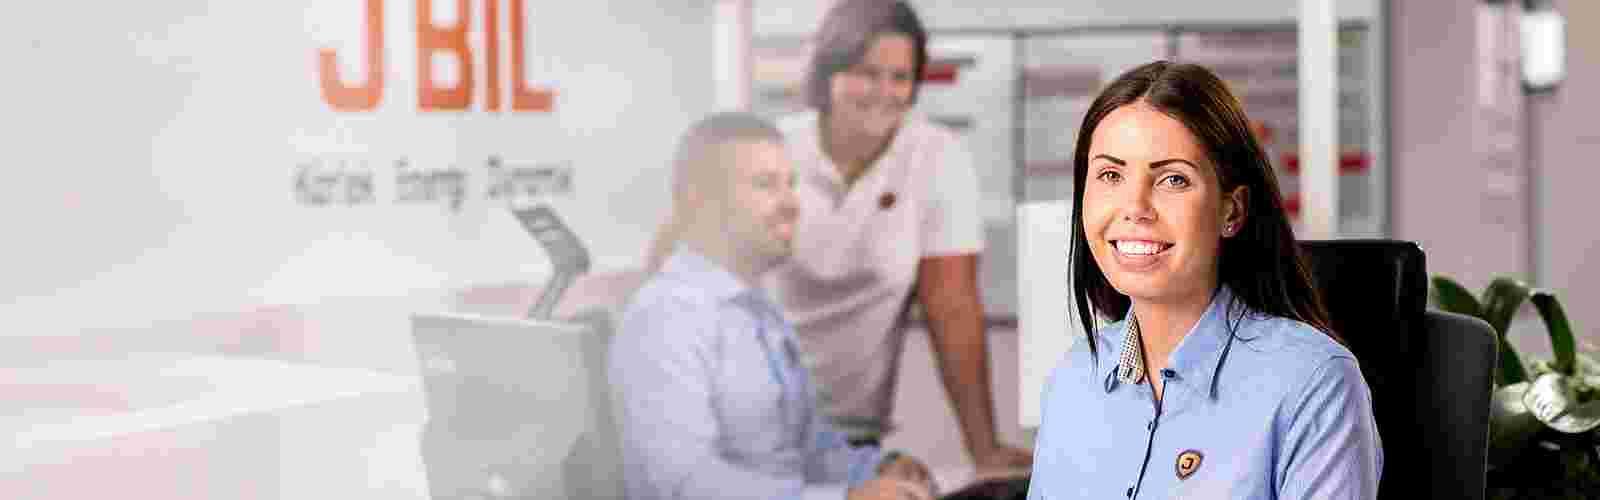 Isabella på J BIL välkomnar kunder till bil och bilservice